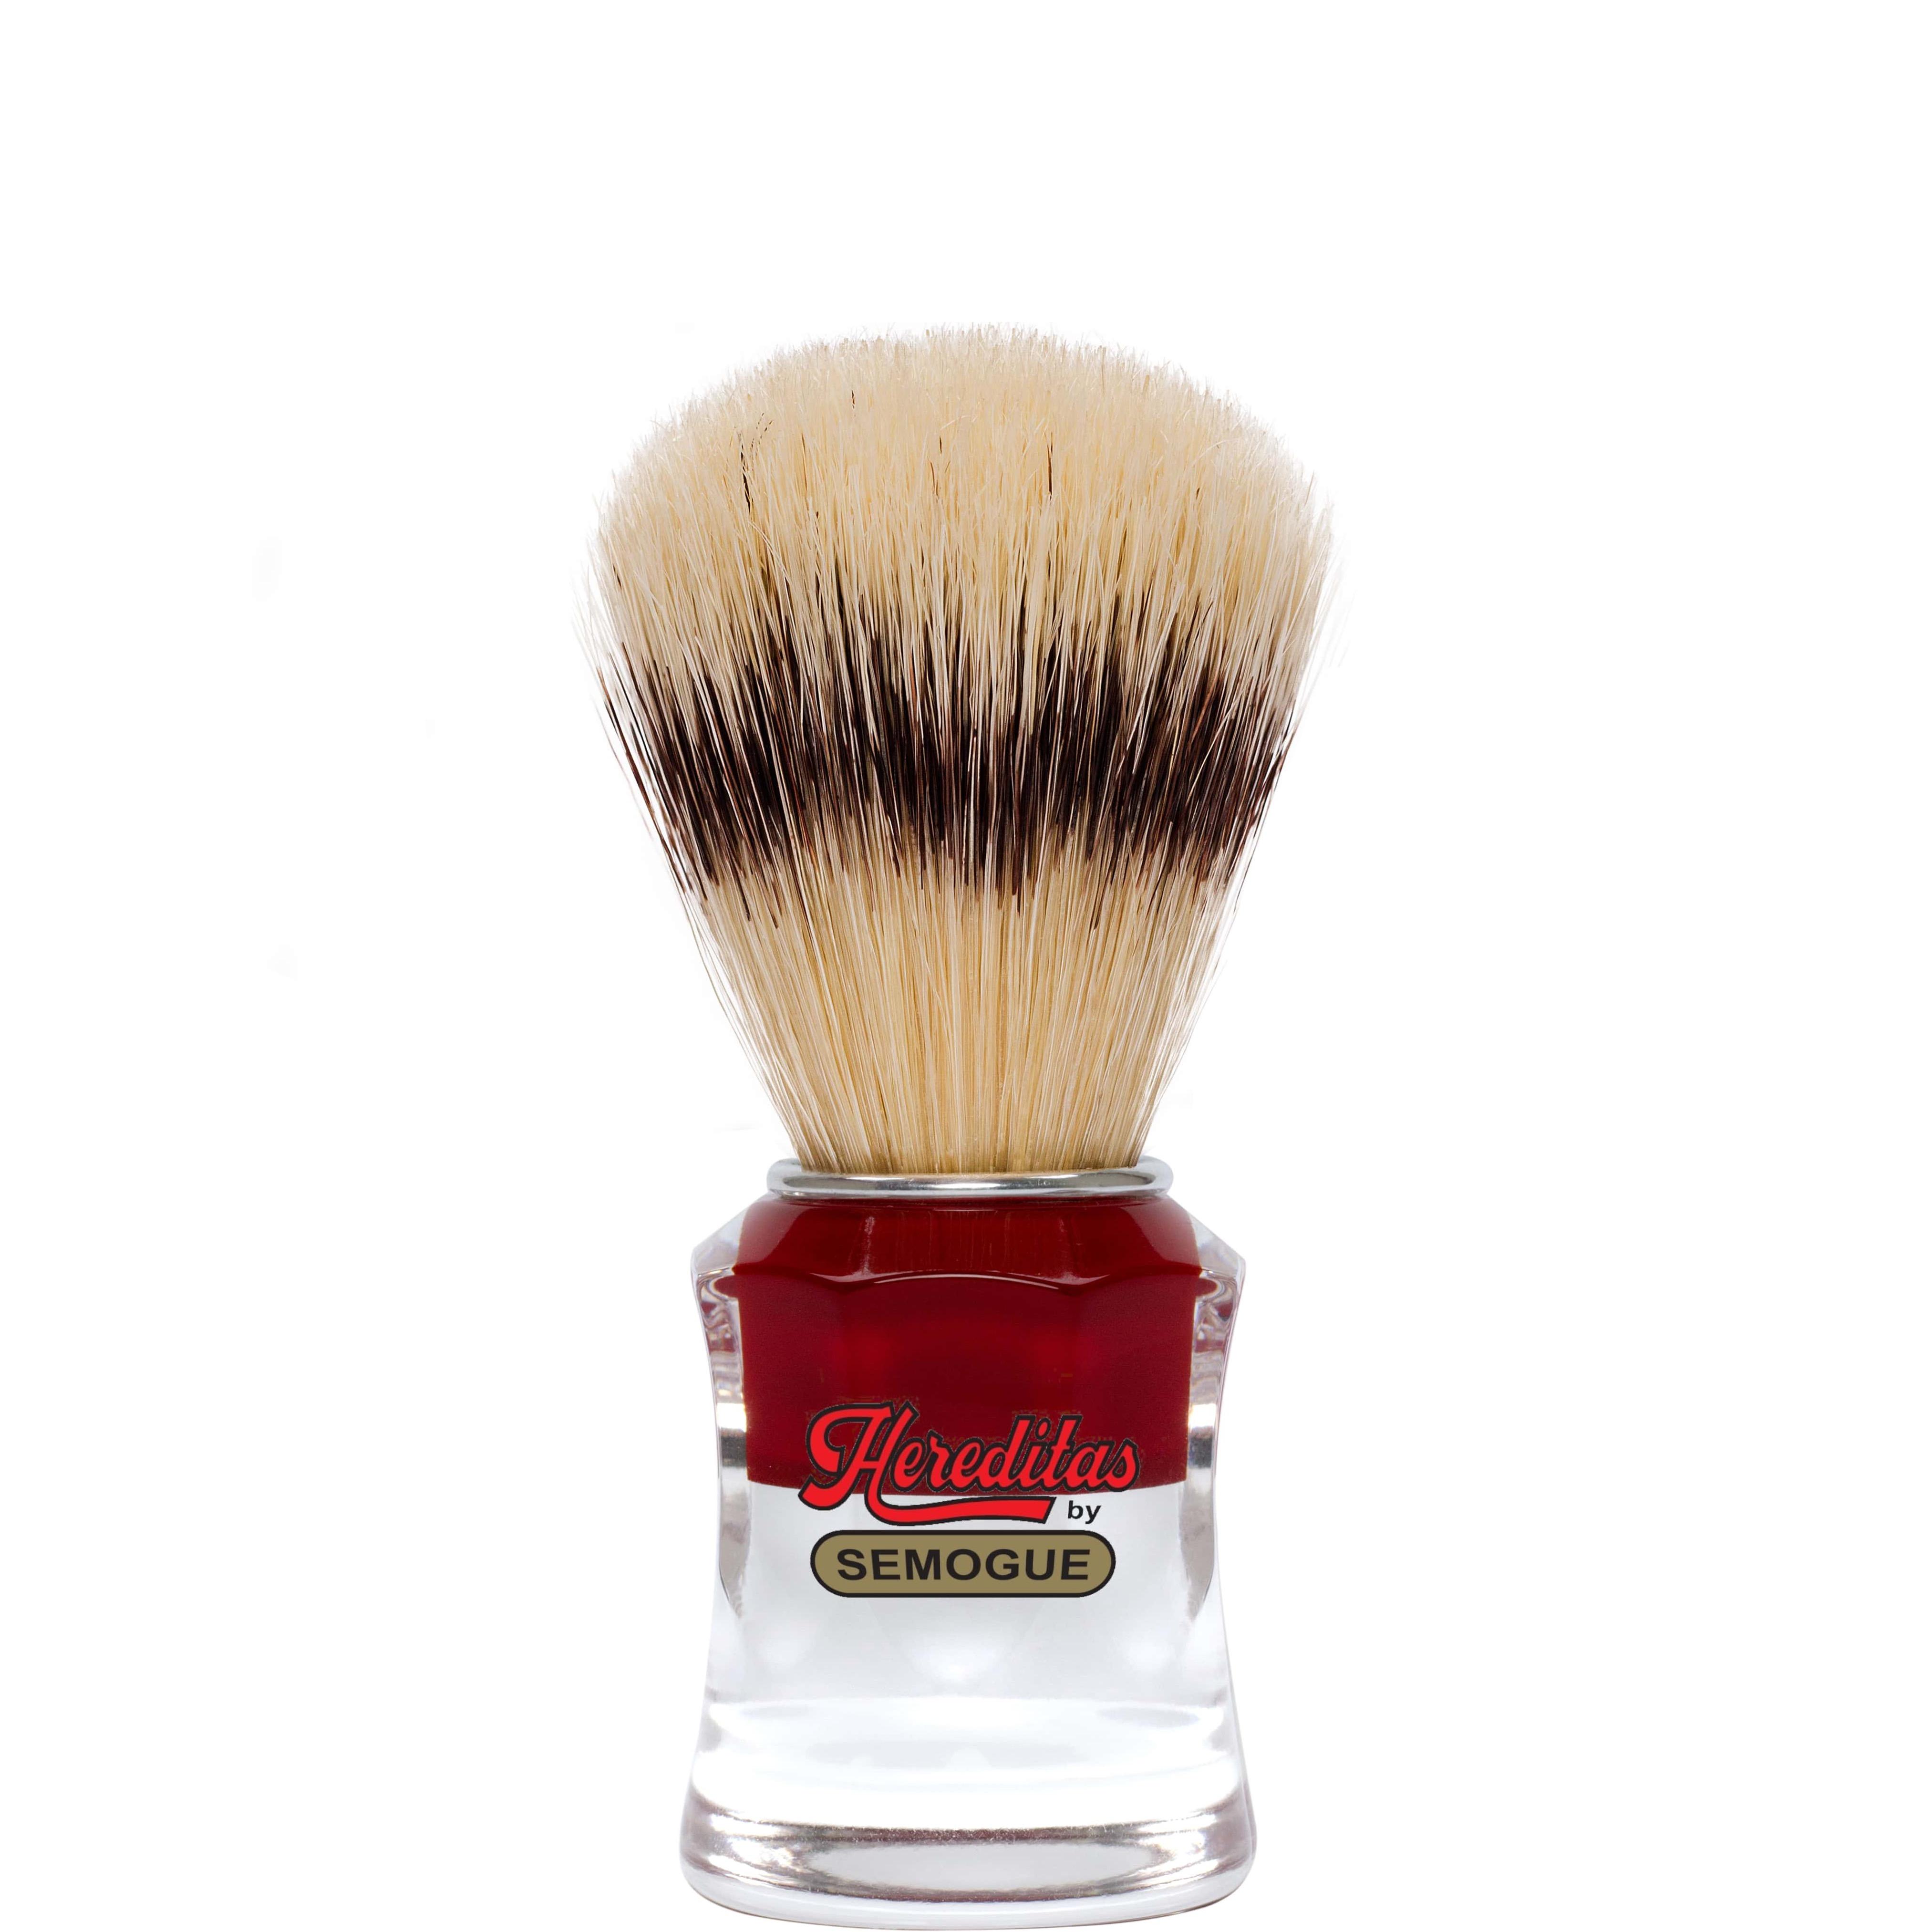 Scheerkwast Hereditas Varkenshaar - acrylic red